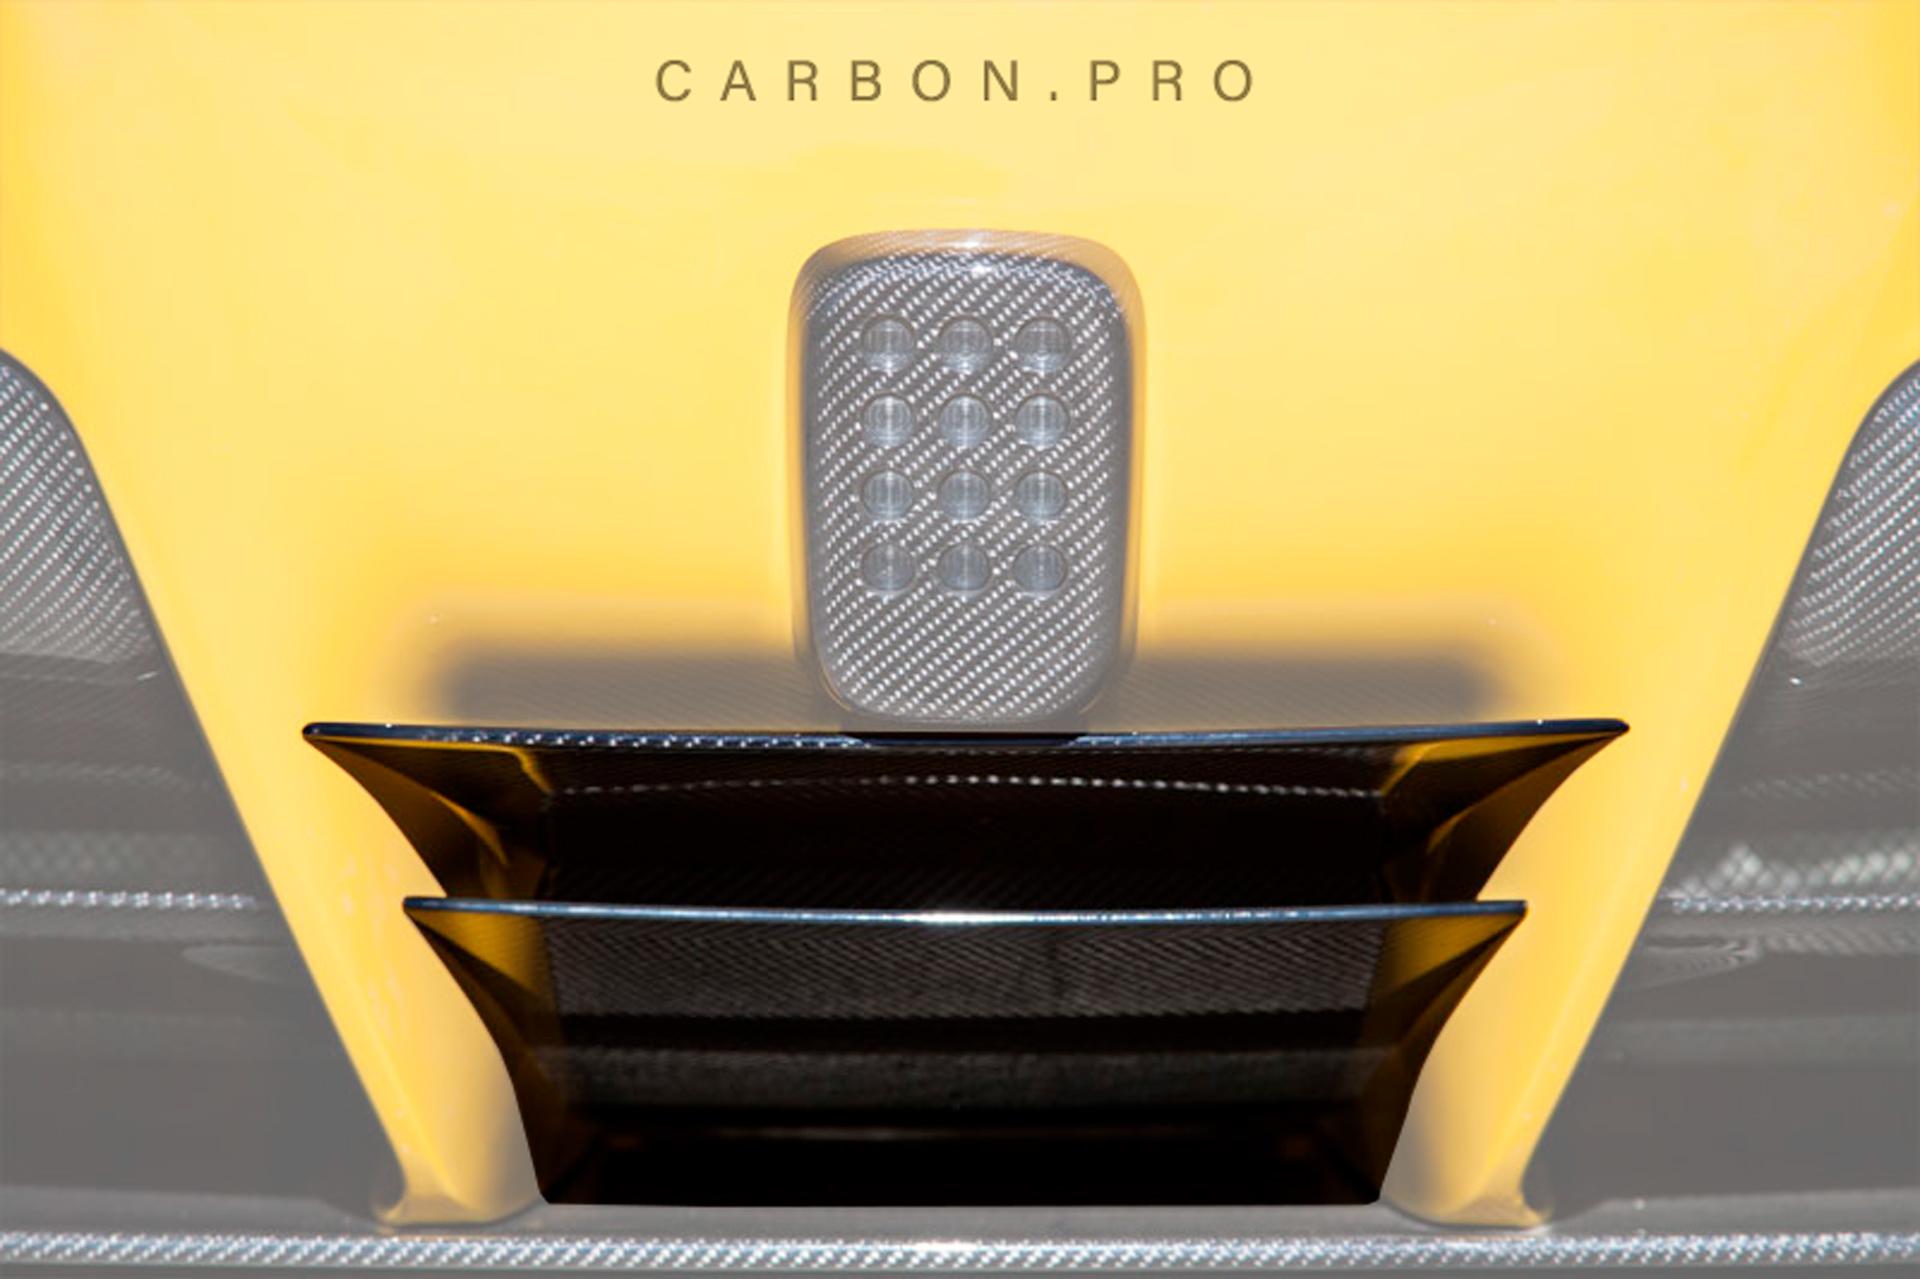 Карбоновые горизонтальные вставки в задний бампер Novitec Style для Ferrari F12 Вerlinetta